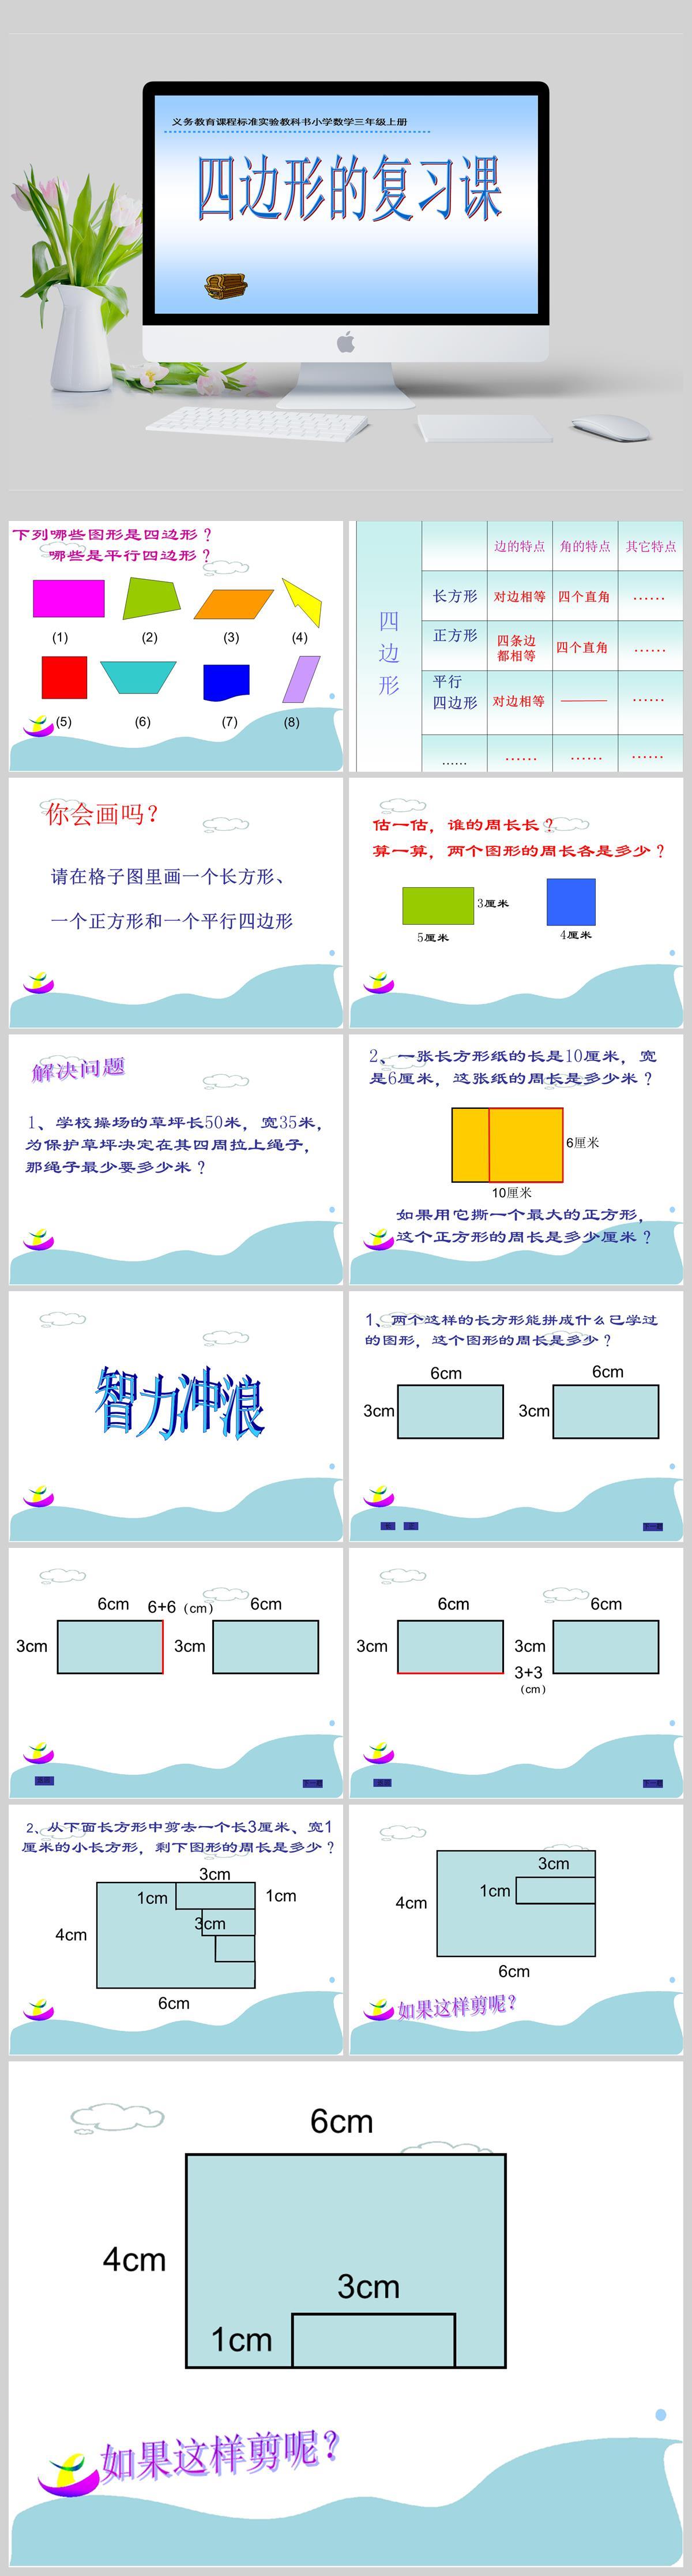 义务教育课程标准实验教科书小学数学课件三年级上册四边形的复习课PPT模板